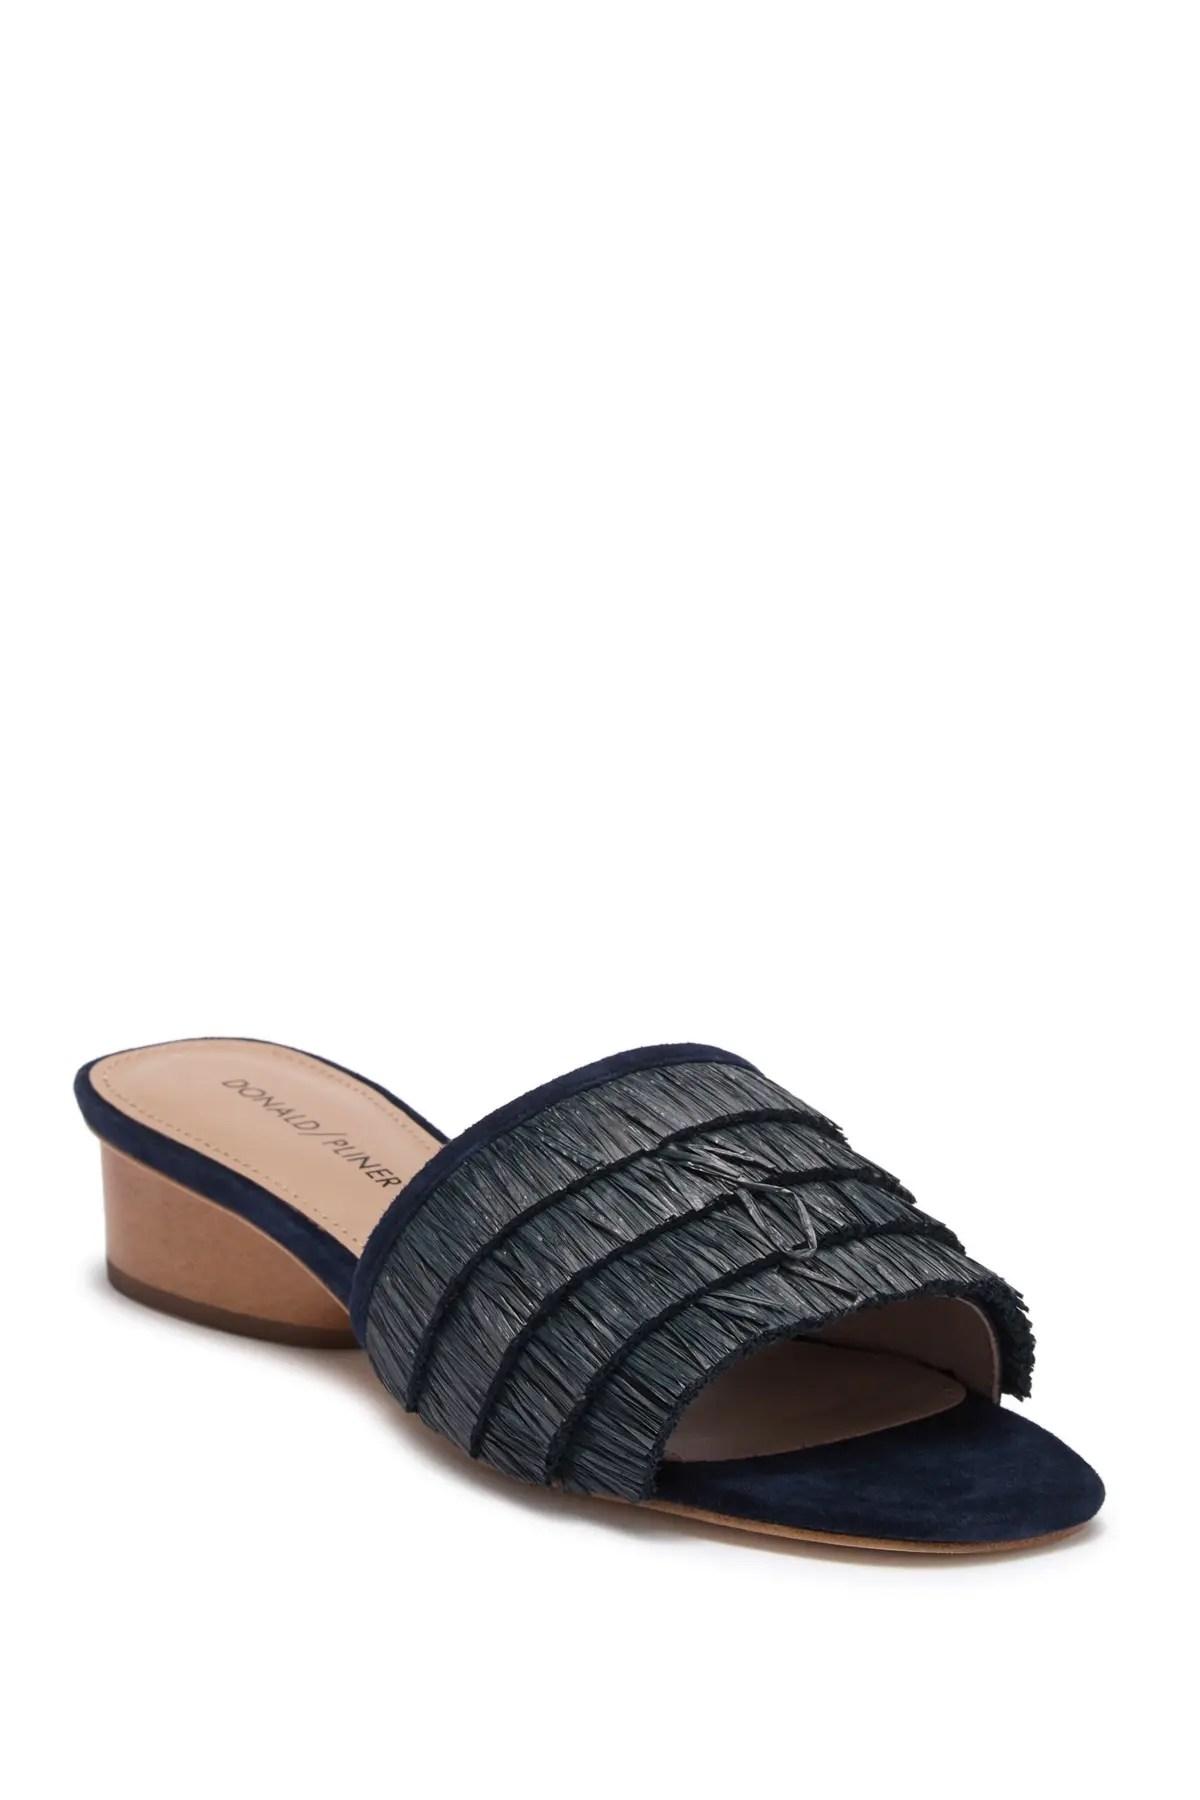 donald pliner reise slide sandal